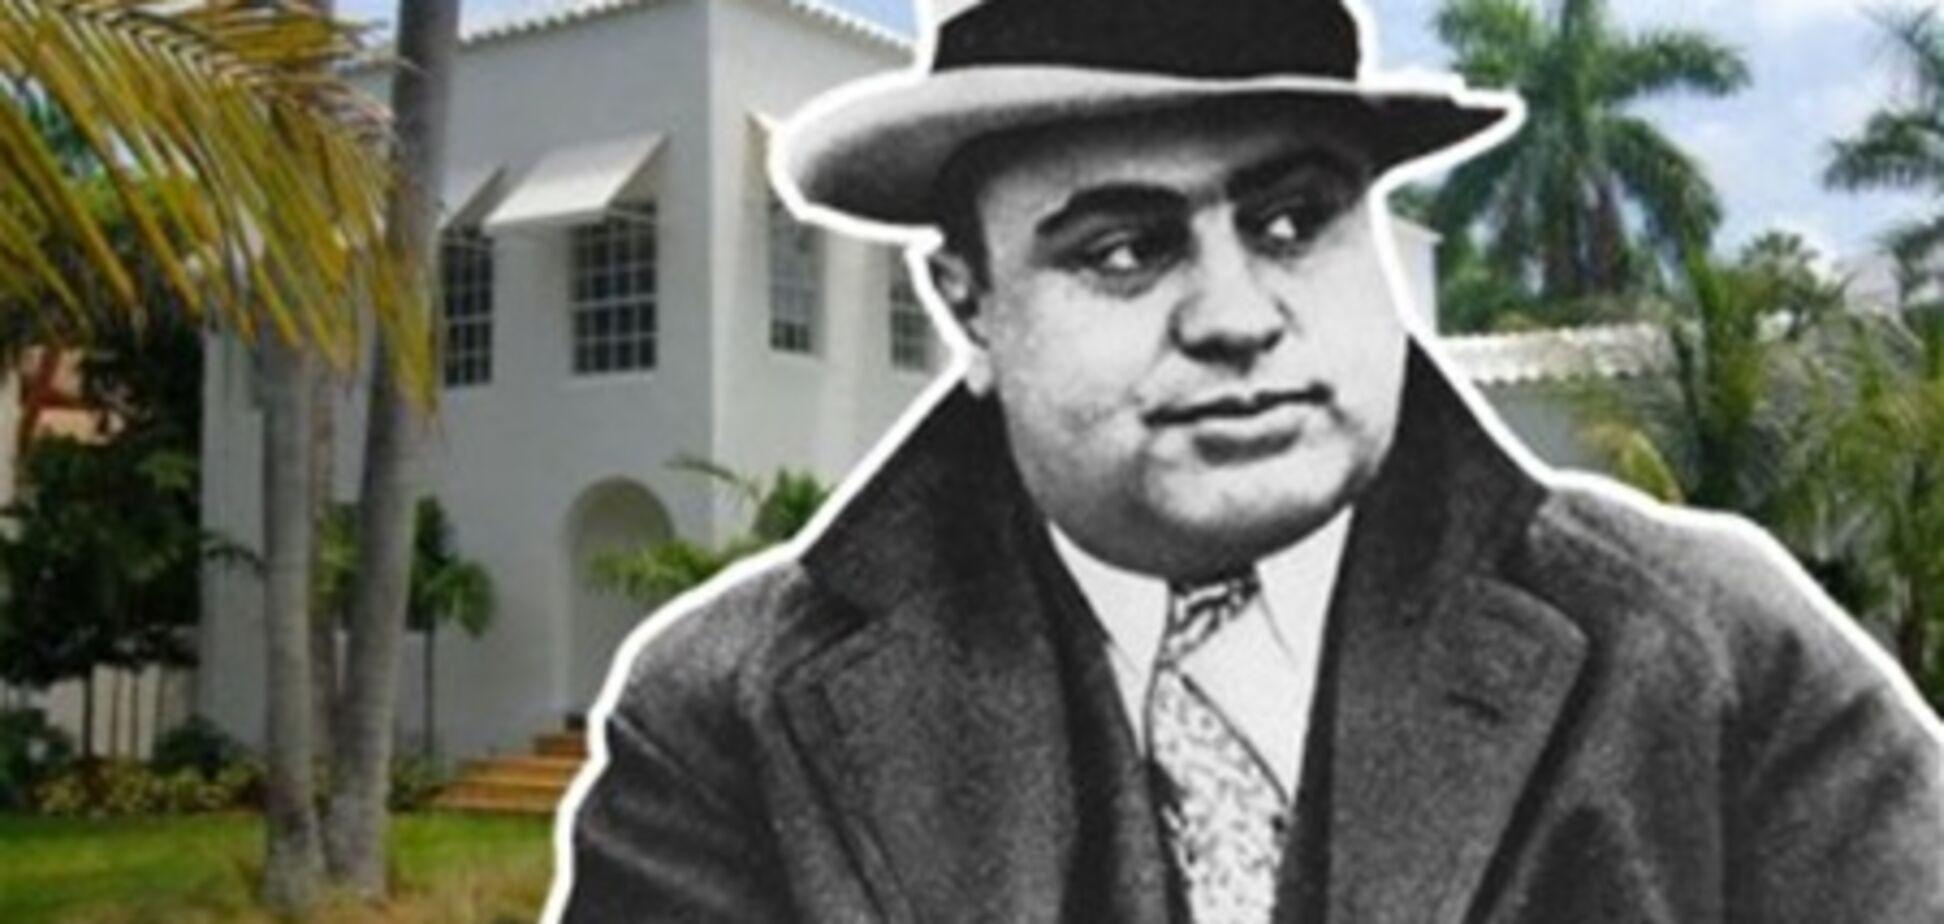 Особняк Аль Капоне уйдет с молотка. Фото